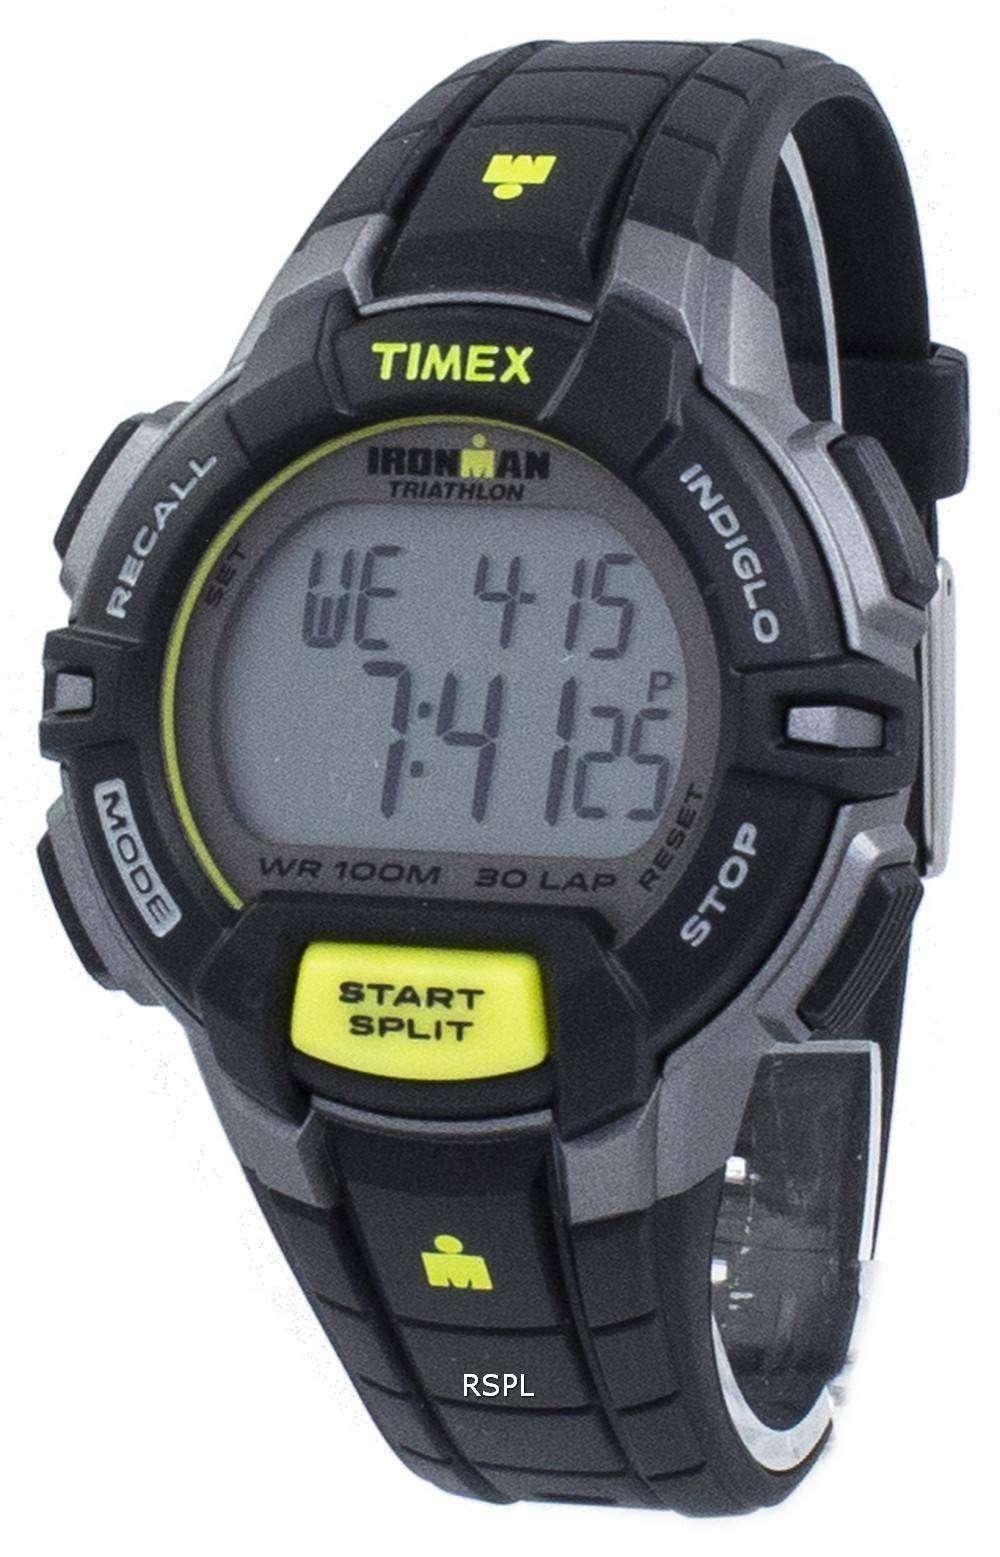 タイメックスは、アイアンマン トライアスロン頑丈な 30 ラップ Indiglo デジタル T5K790 メンズ腕時計をスポーツします。